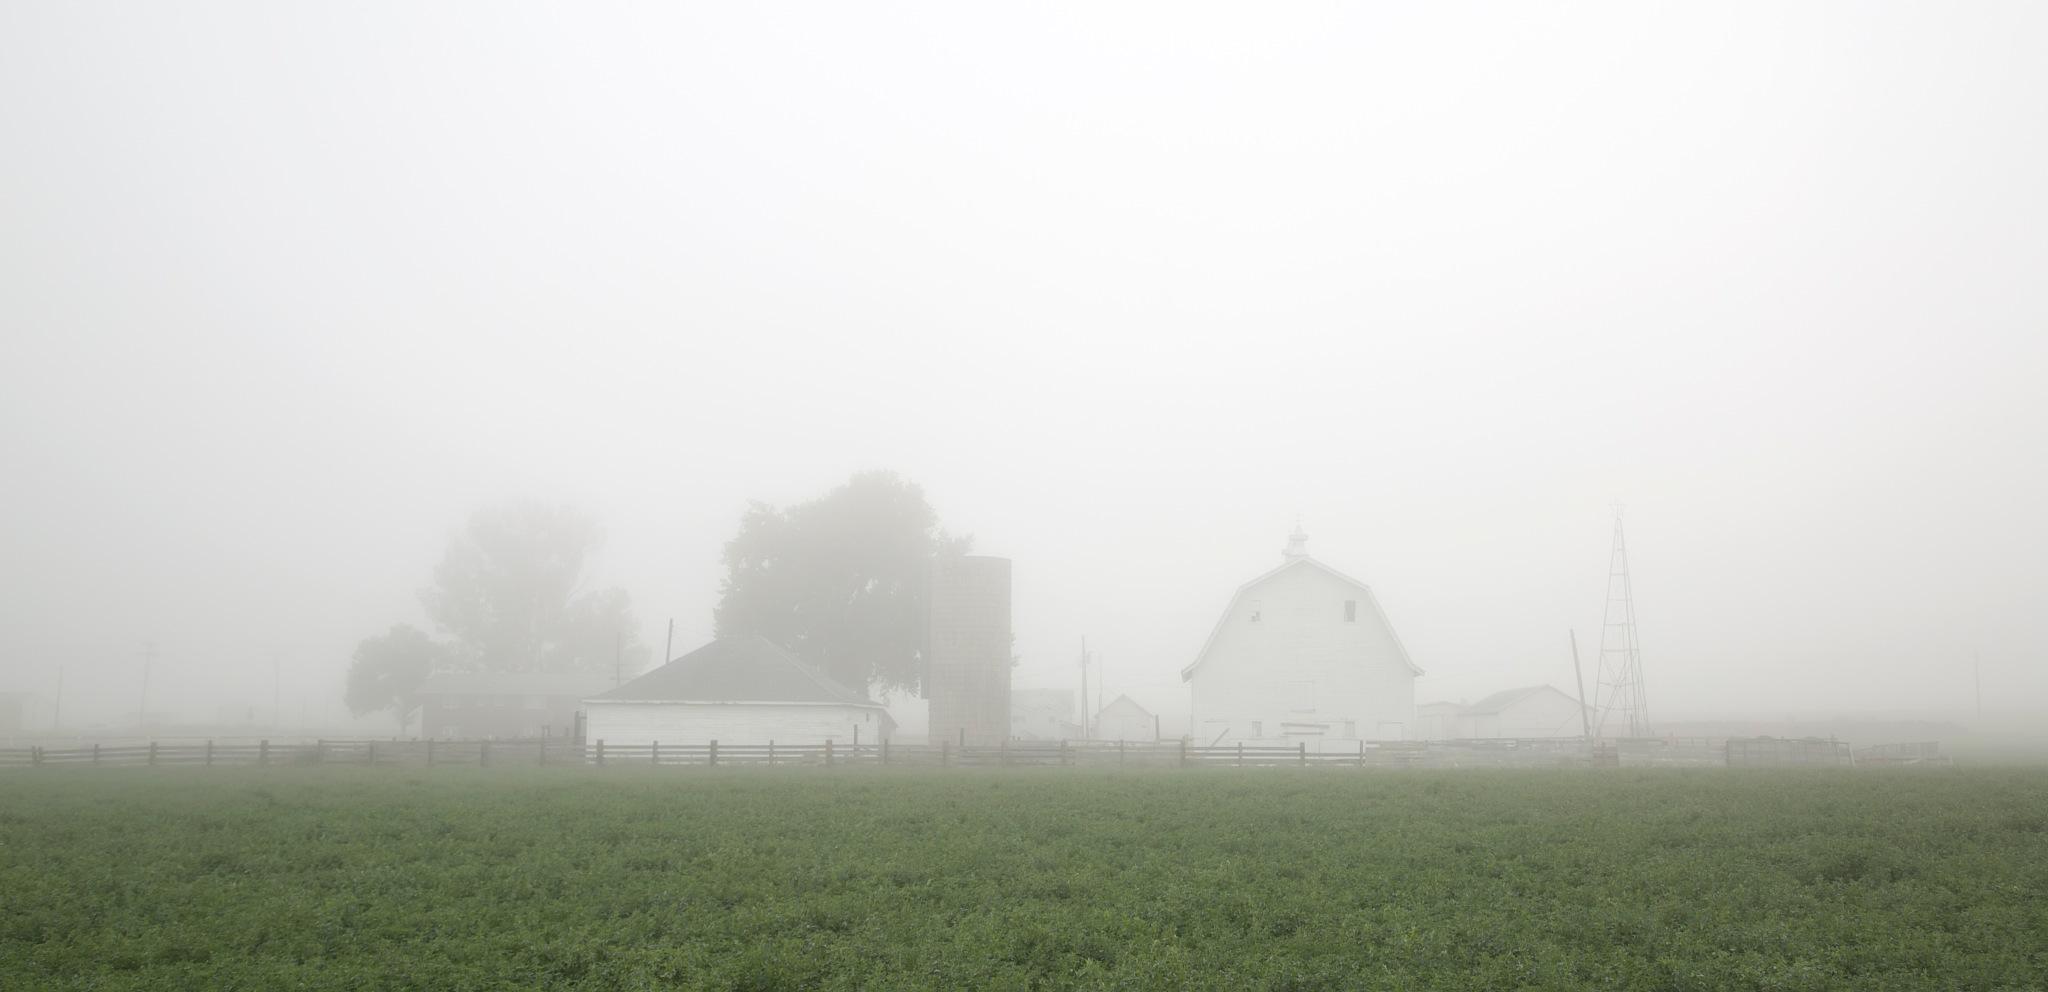 the Zimmerman farm by Eddie Tkowksi